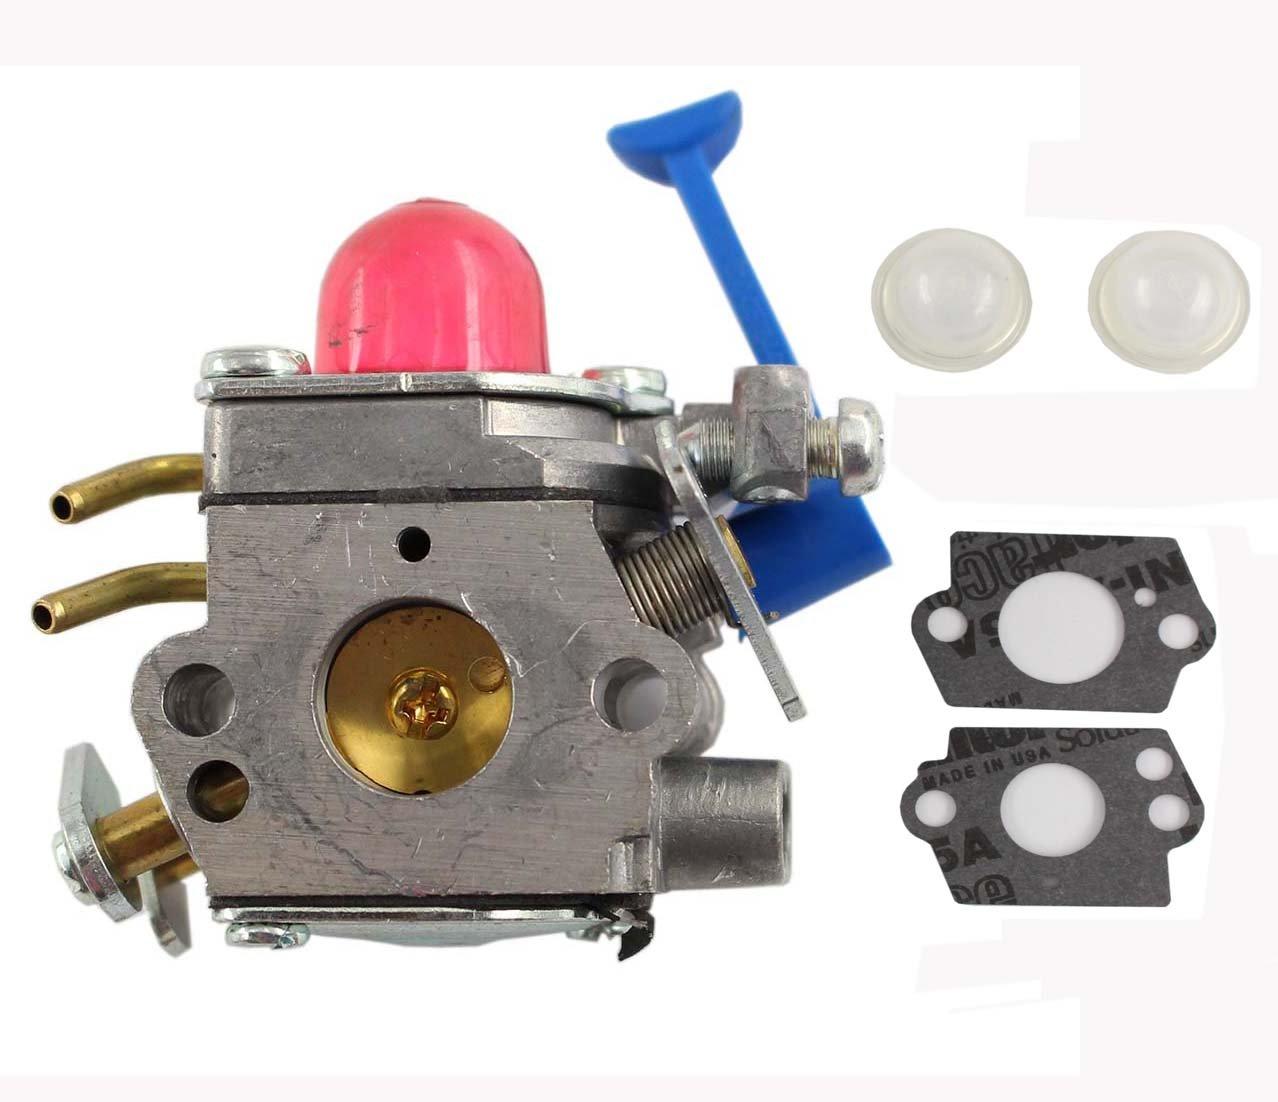 XA Carburetor Carb For Husqvarna 124L 124C 125C 125E 125L 125LD 128CD 128LDX 128DJX Replace Husqvarna 545006060 Zama C1Q-W31B